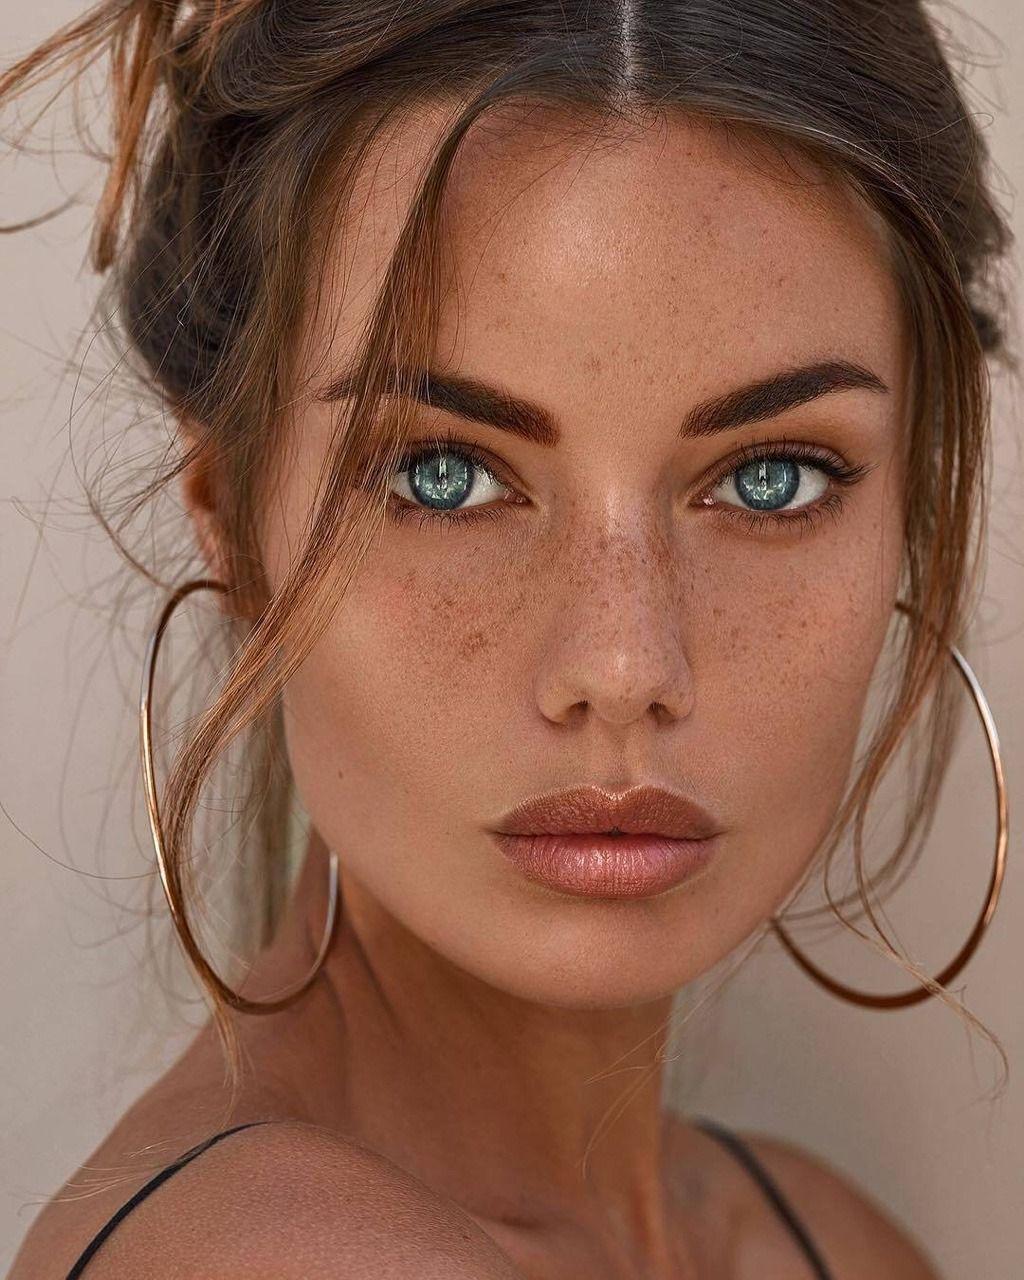 Images Lexy Panterra nude (45 photos), Sexy, Hot, Boobs, braless 2017